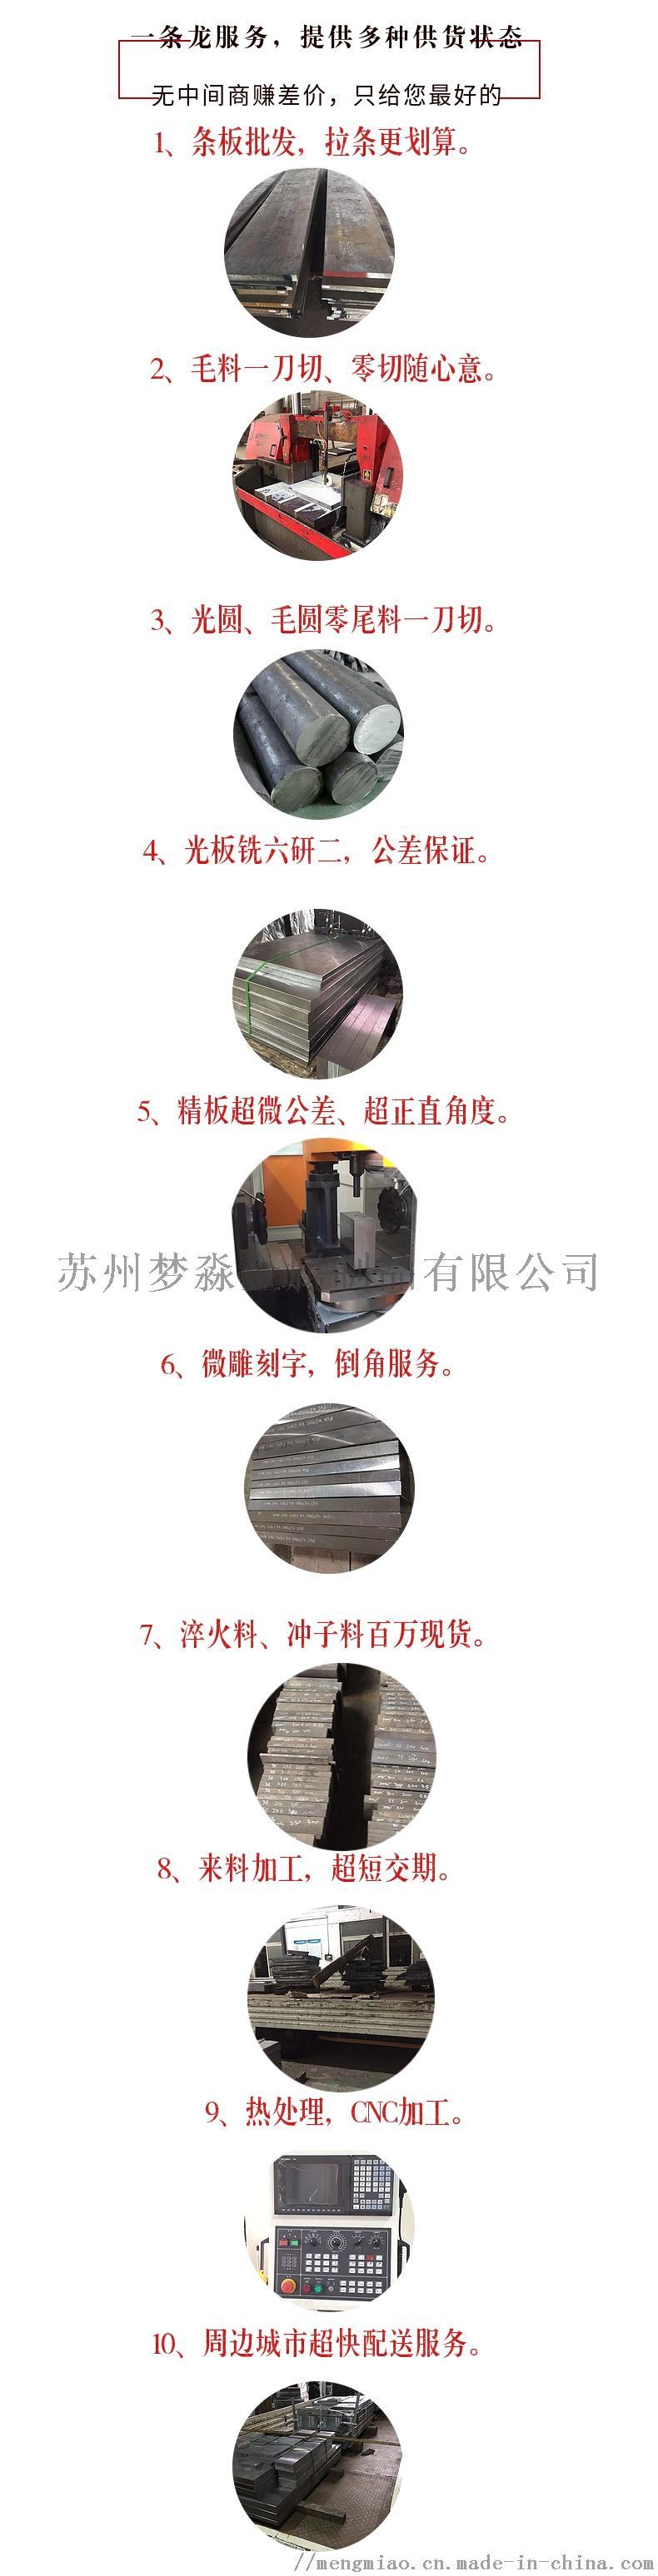 优质模具钢DC53国产进口模具钢106776105